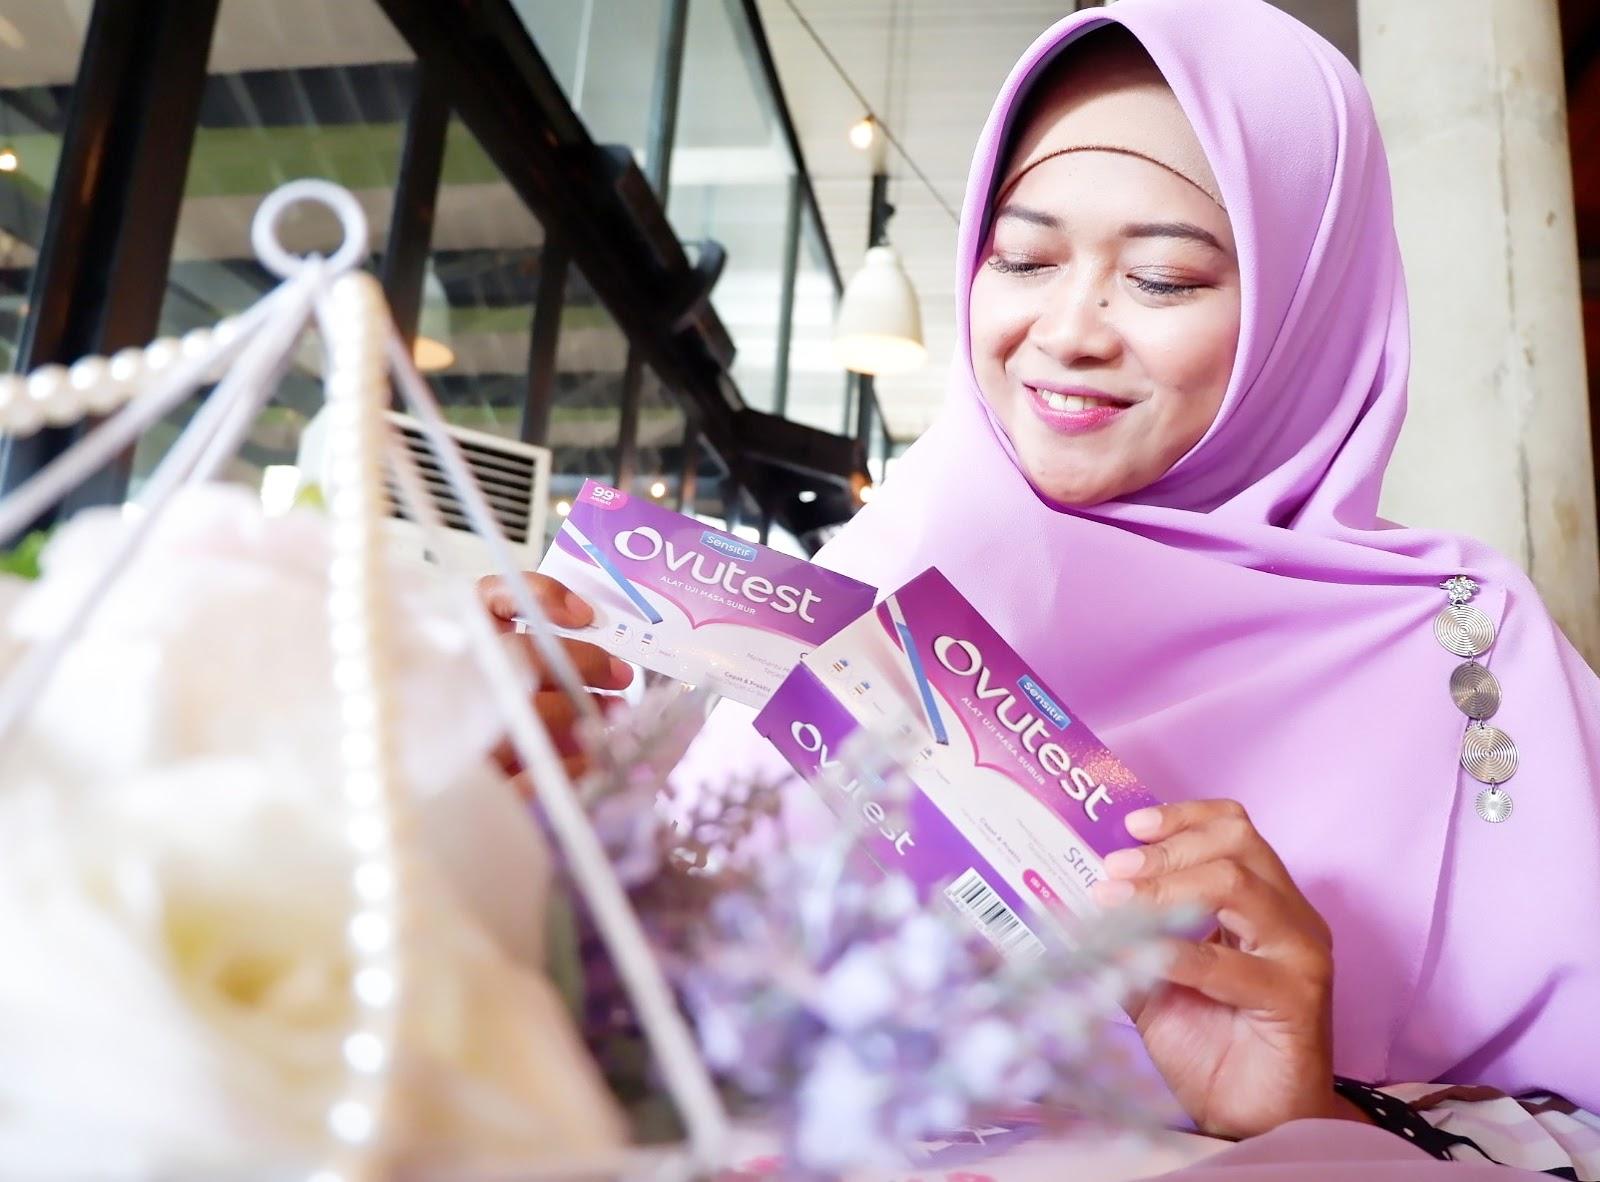 Pentingnya Perencanaan Kehamilan Demi Kebahagiaan Masa Depan Diary Ovutest Scope Alat Uji Subur